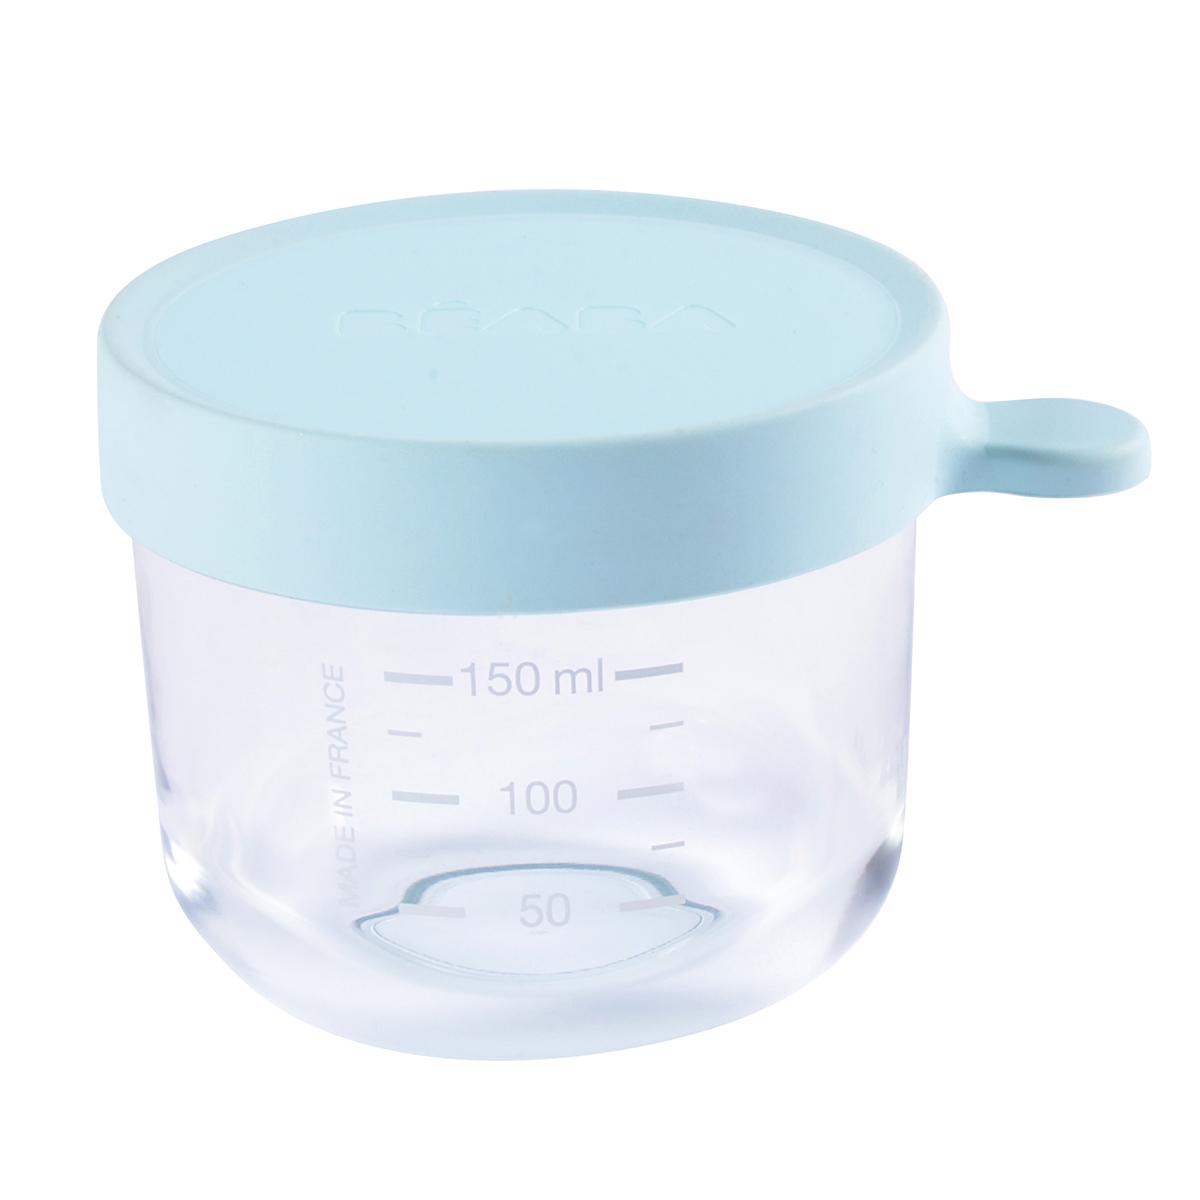 Vaisselle & Couvert Portion Verre 150 ml - Light Blue Portion Verre 150 ml - Light Blue